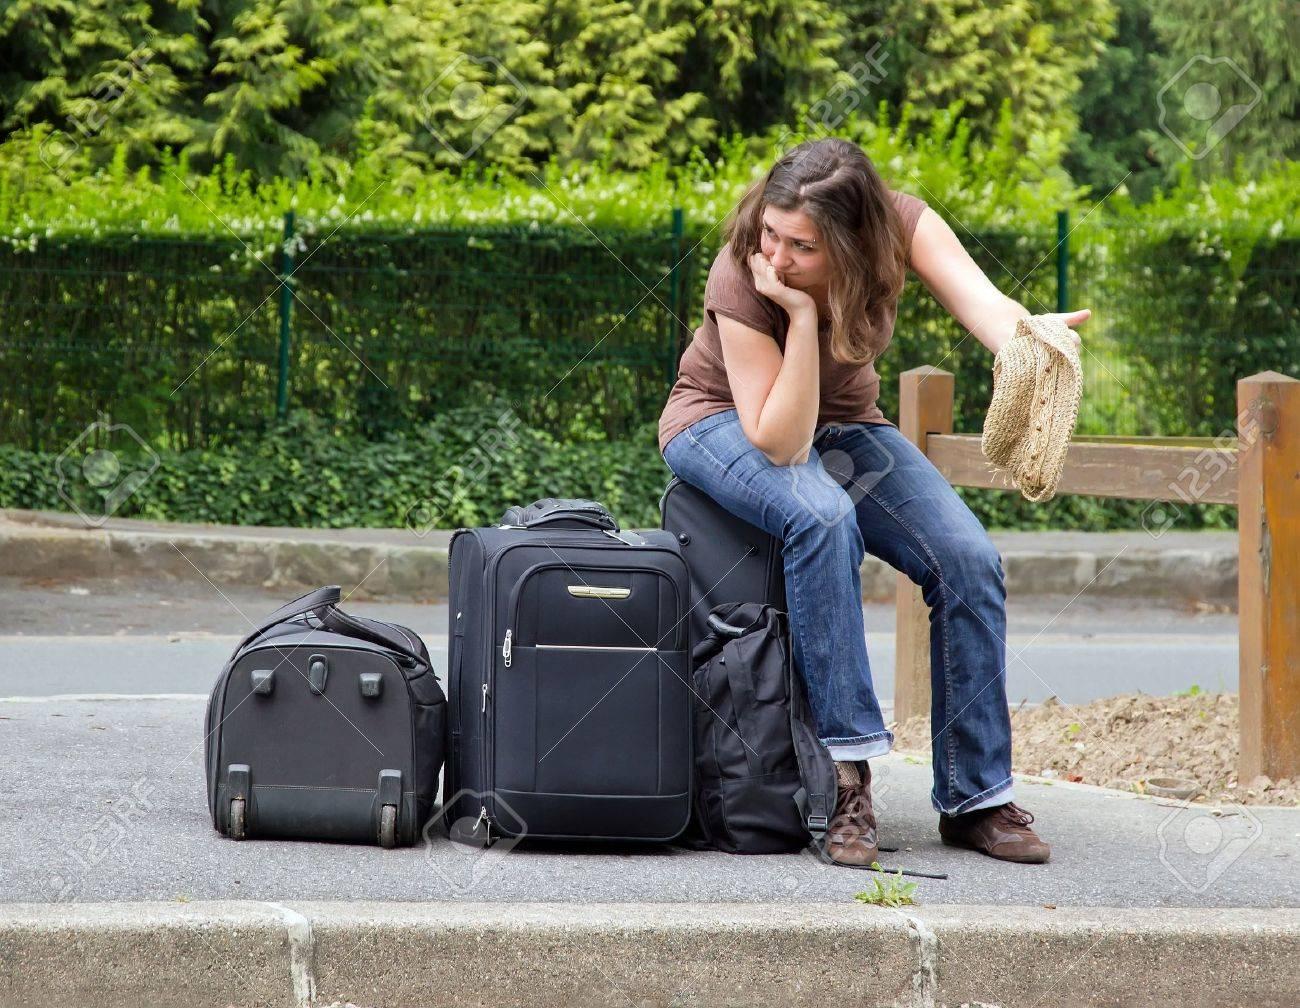 randonneur auto assis sur ses bagages, un découragement complet Banque d'images - 14411279